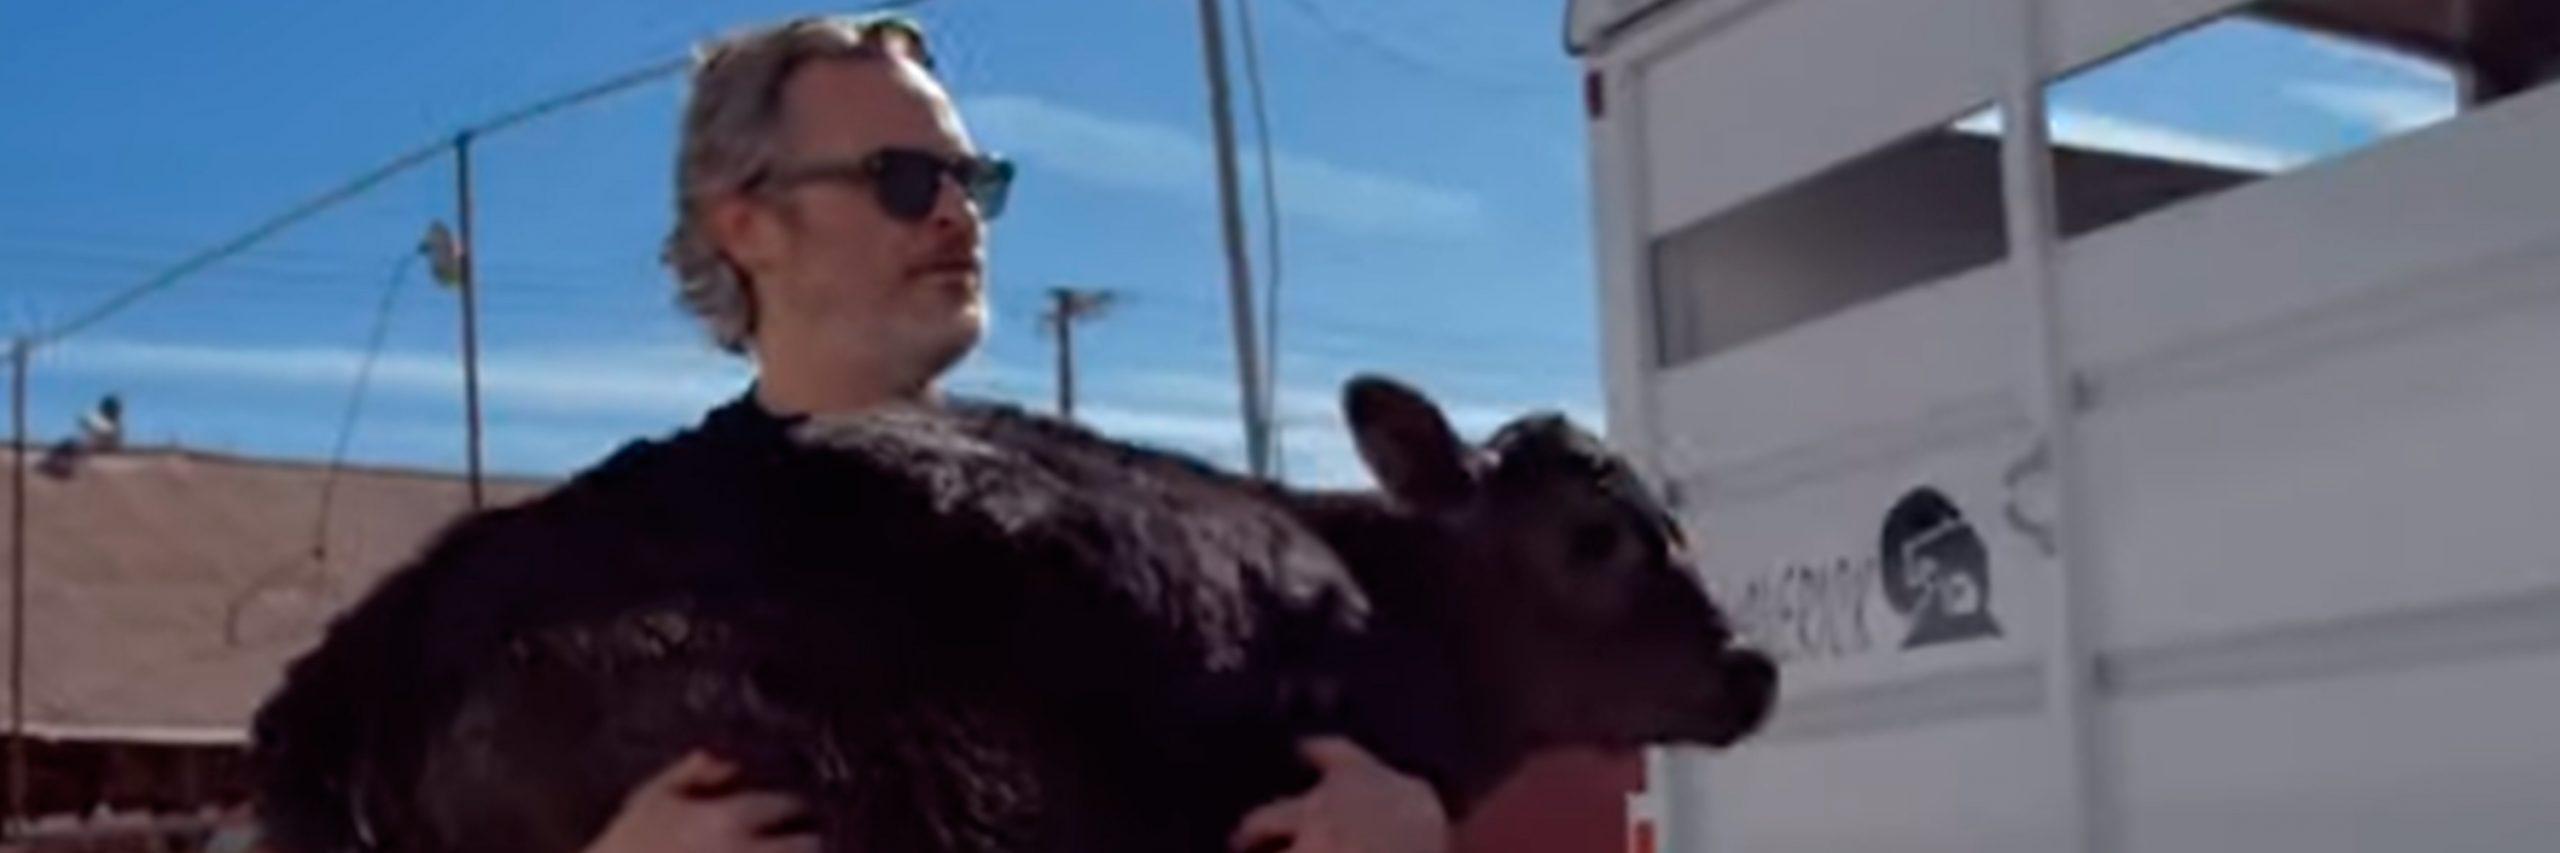 Joaquin Phoenix rescata vaca